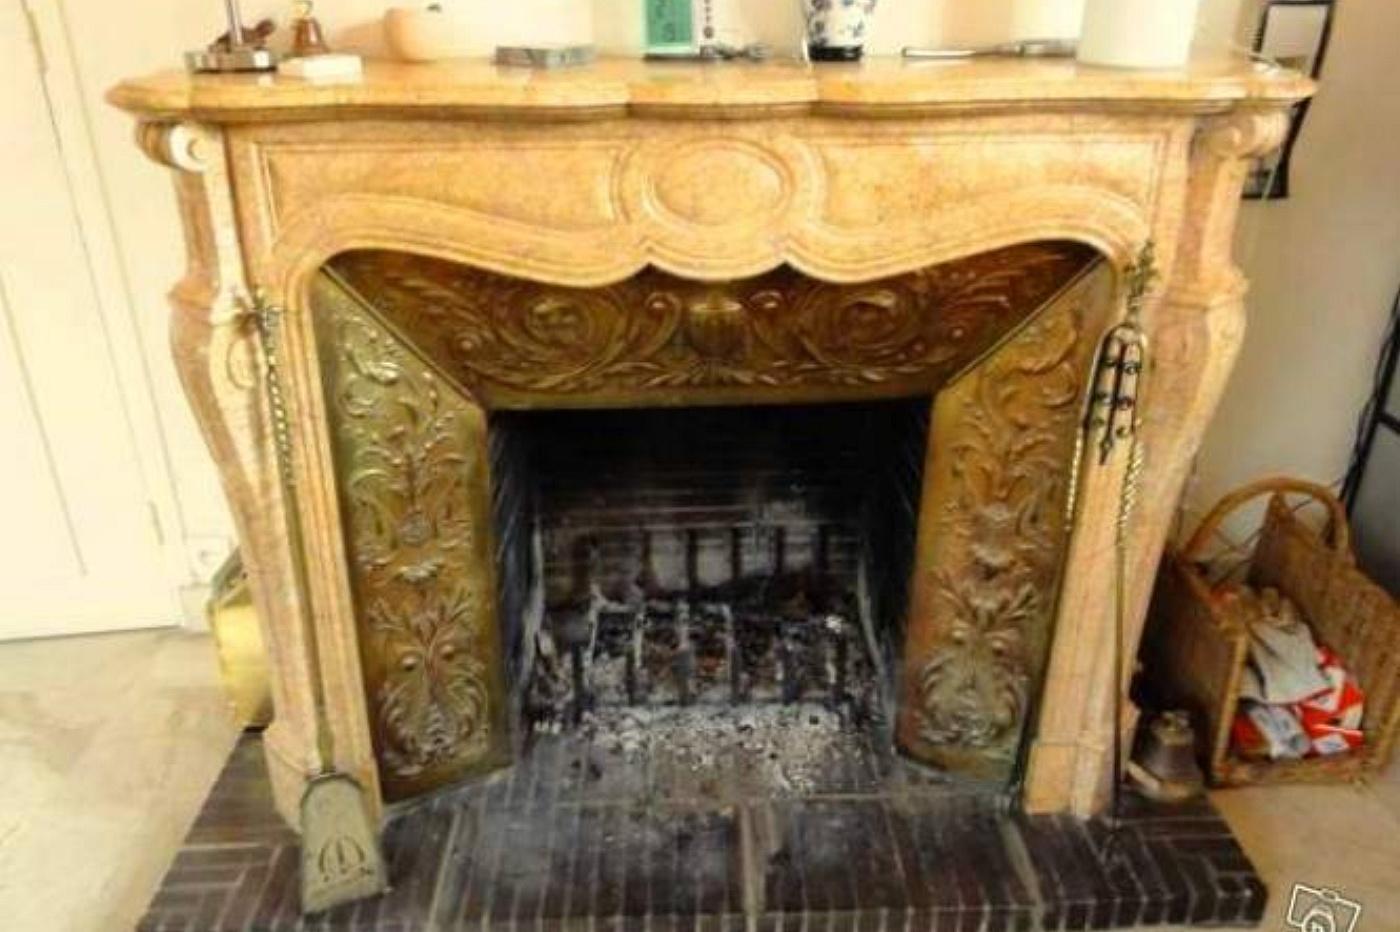 Caminetti antichi artis pompadour galbe 39 in marmo giallo for Camini antichi legno